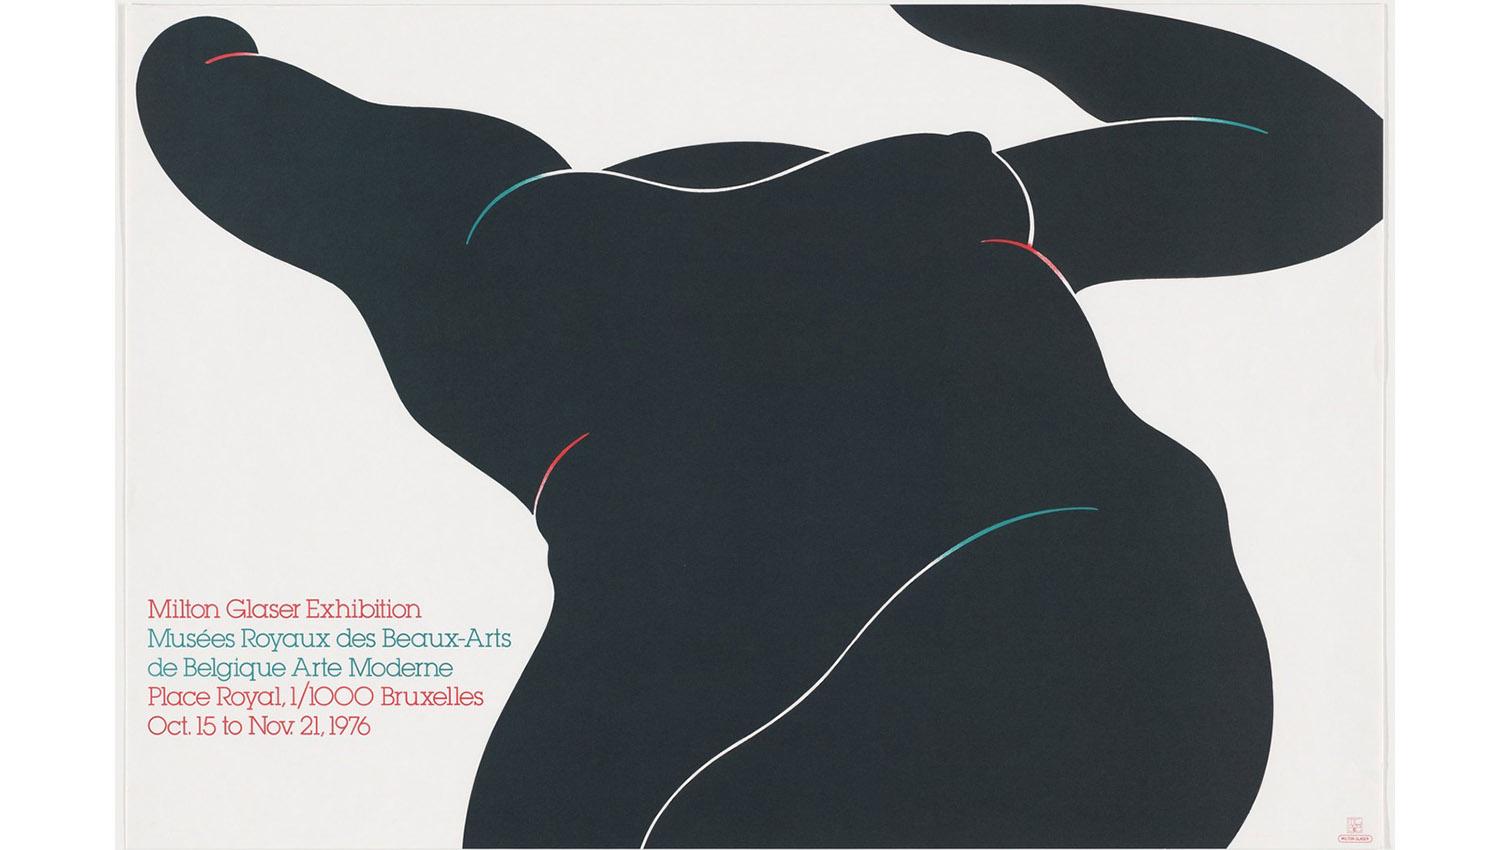 grafica del 1976 di Milton Glaser